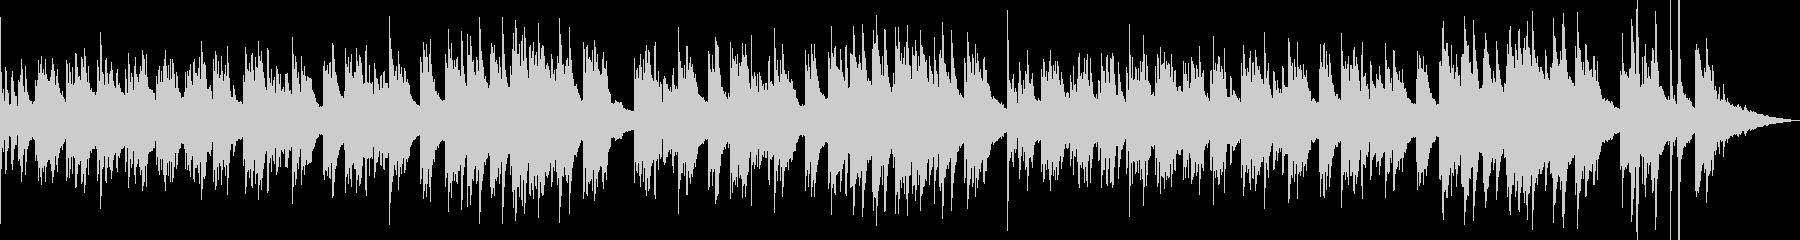 失恋を表現したピアノソロの未再生の波形